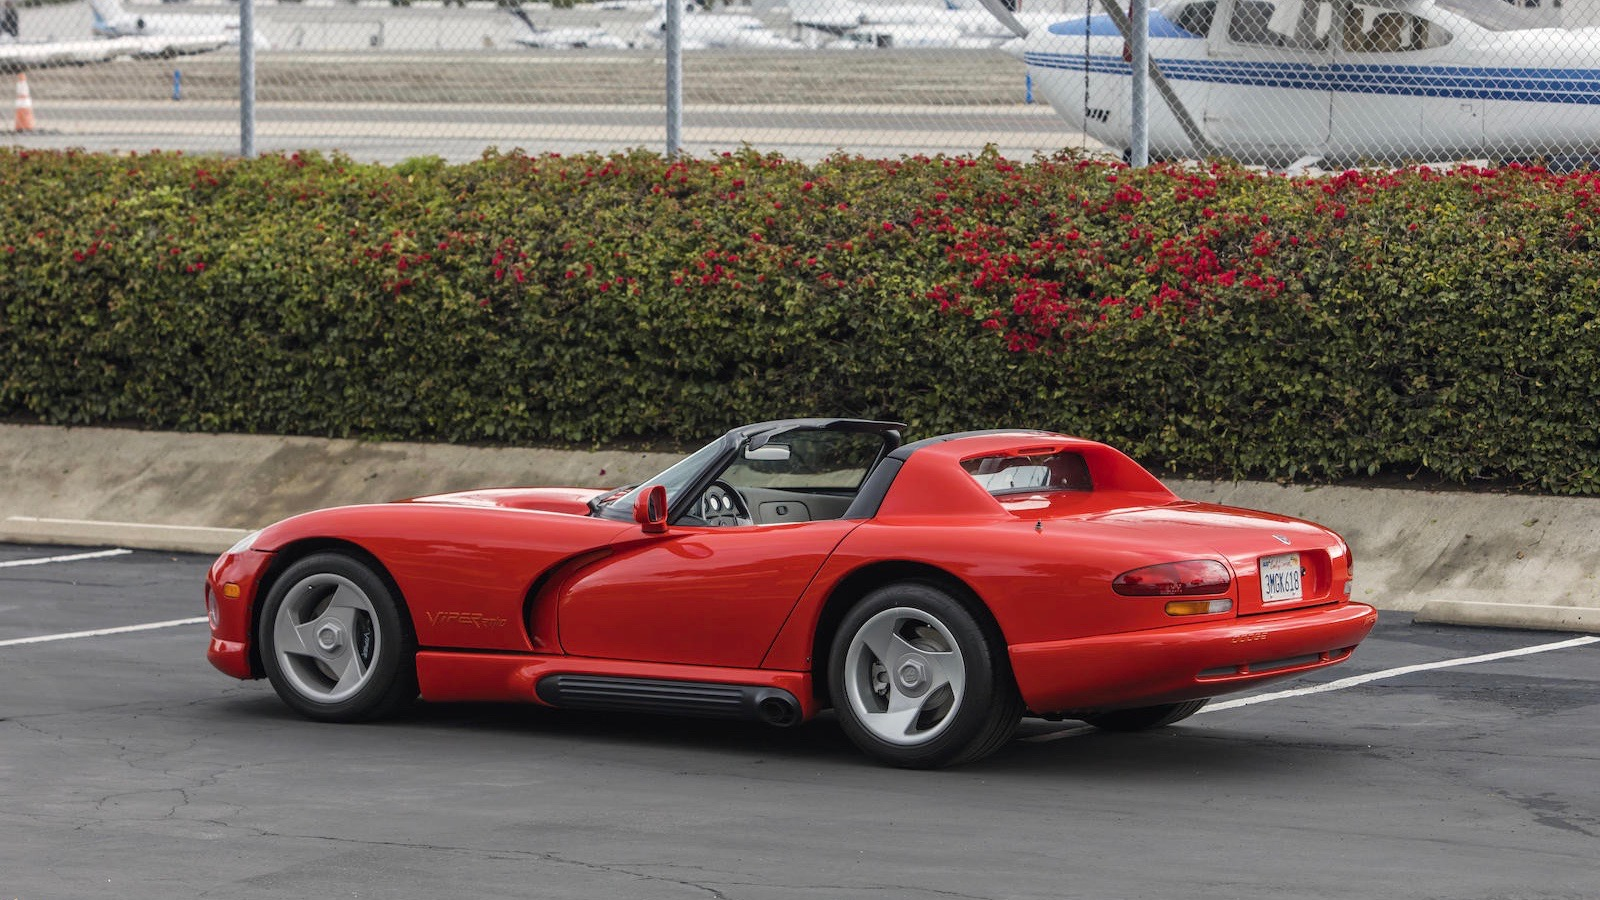 Первый в мире Dodge Viper продали вдвое дороже запланированного 2